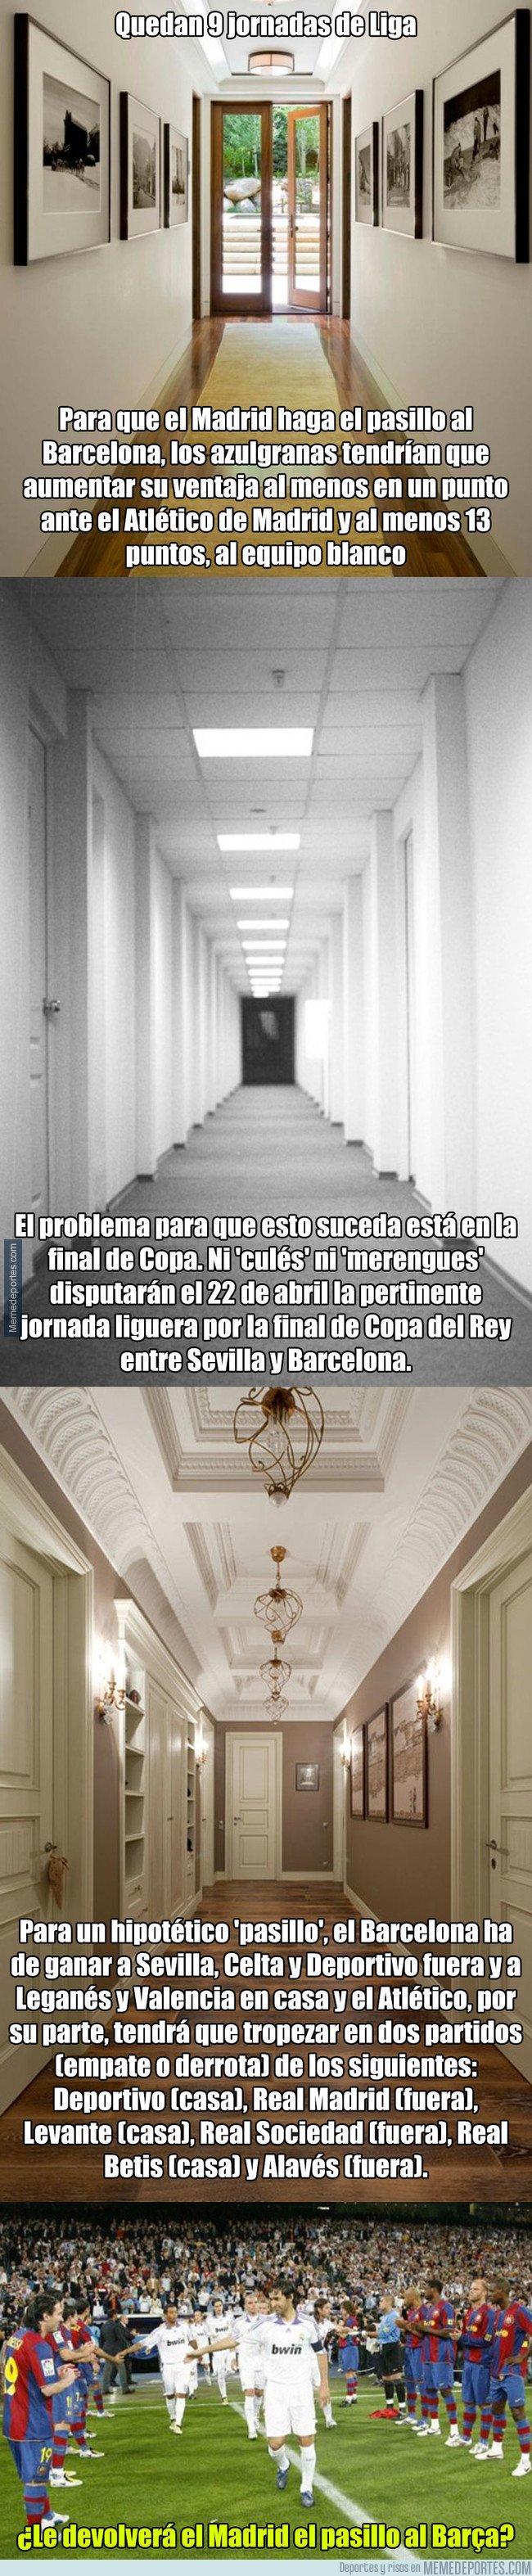 1026300 - Las cuentas para que el Madrid le haga un pasillo al Barça en el próximo Clásico